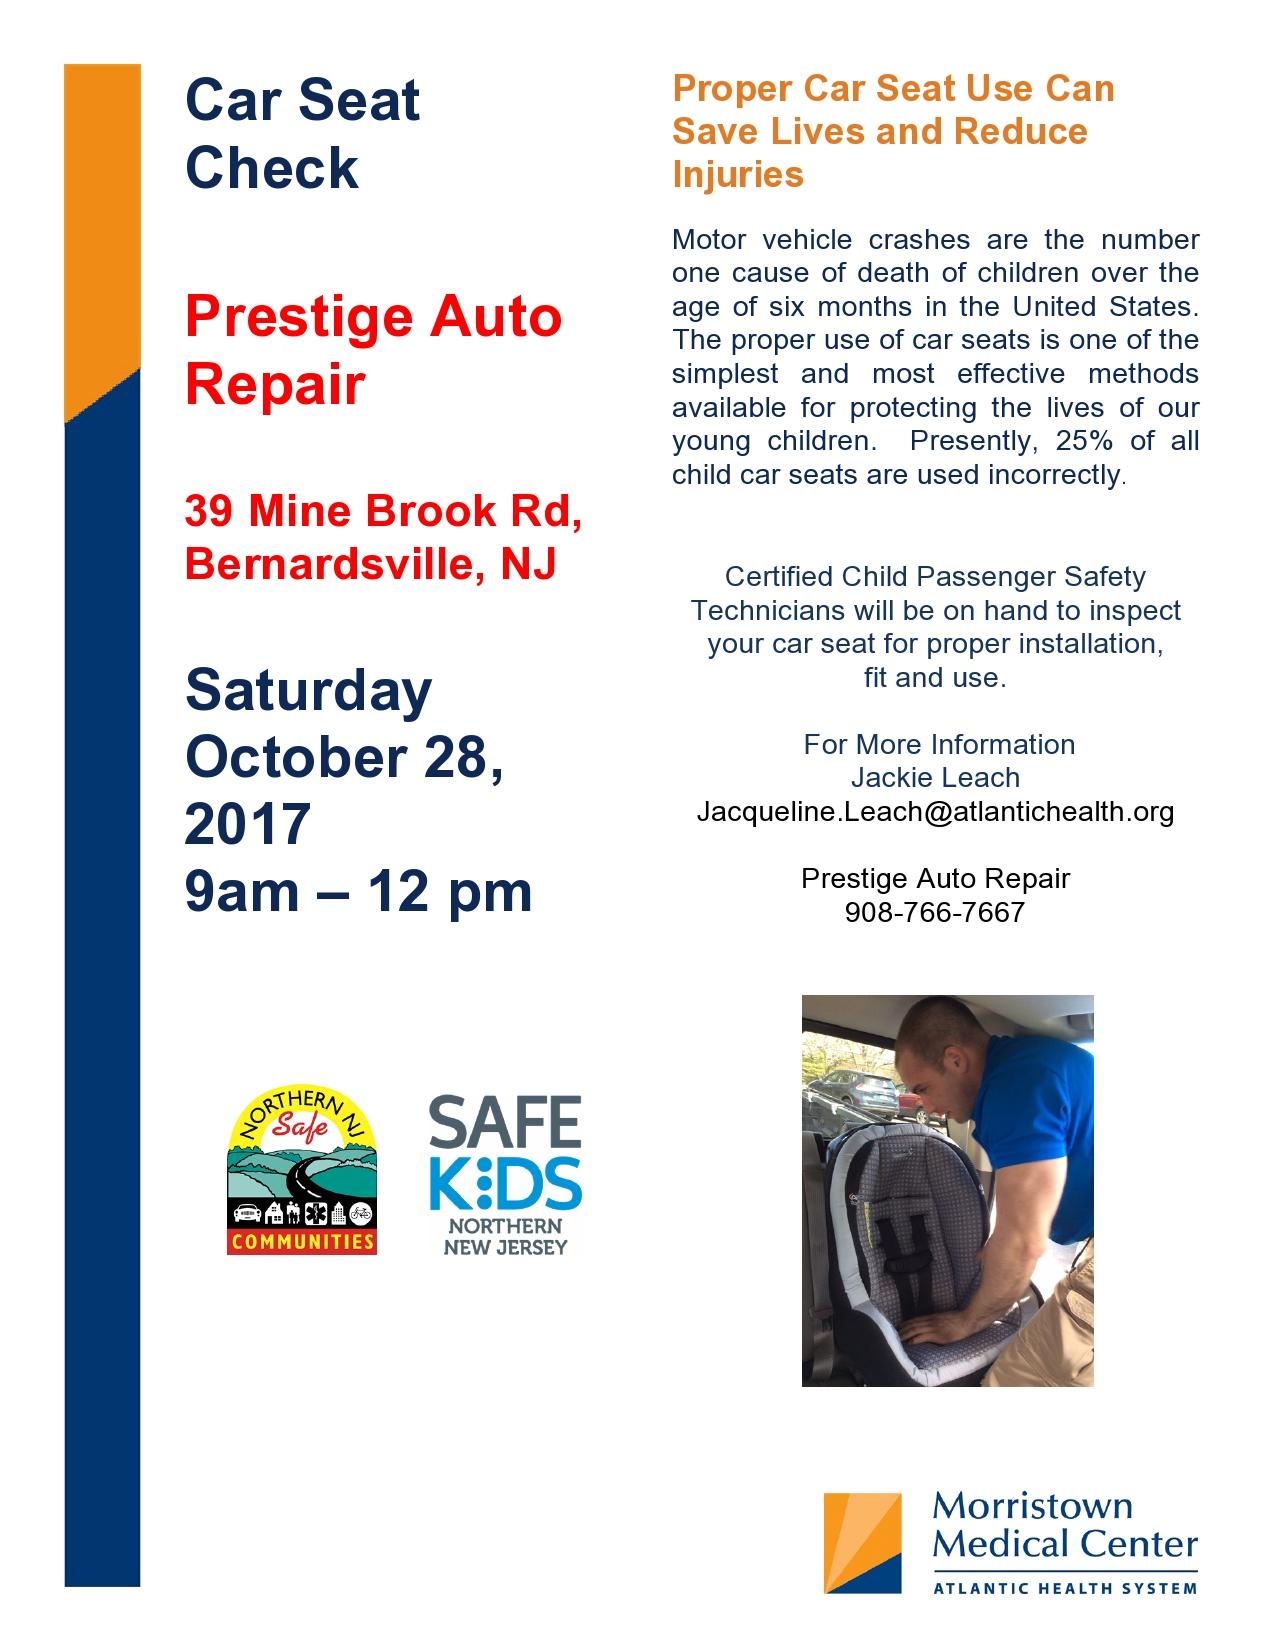 car seat inspection in bernardsville oct 28th 9 12 noon prevention works. Black Bedroom Furniture Sets. Home Design Ideas